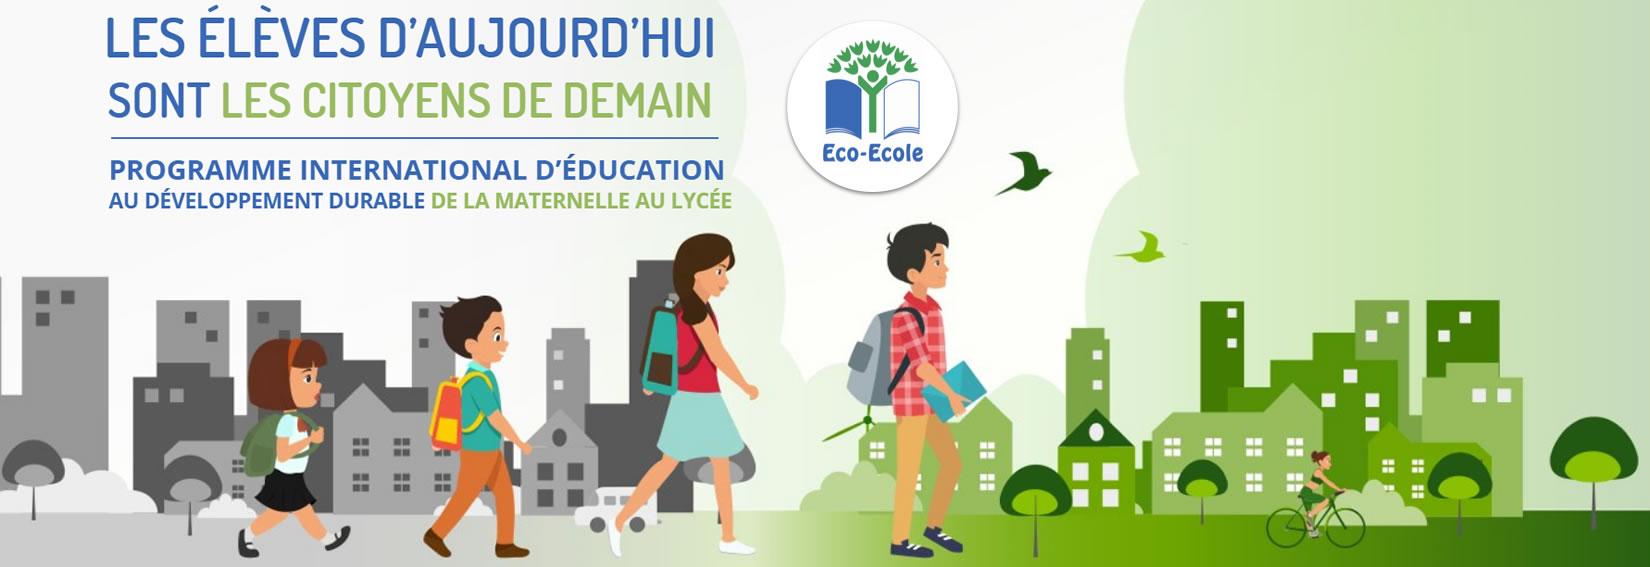 Programme Eco-ecole : découvrir le site officiel